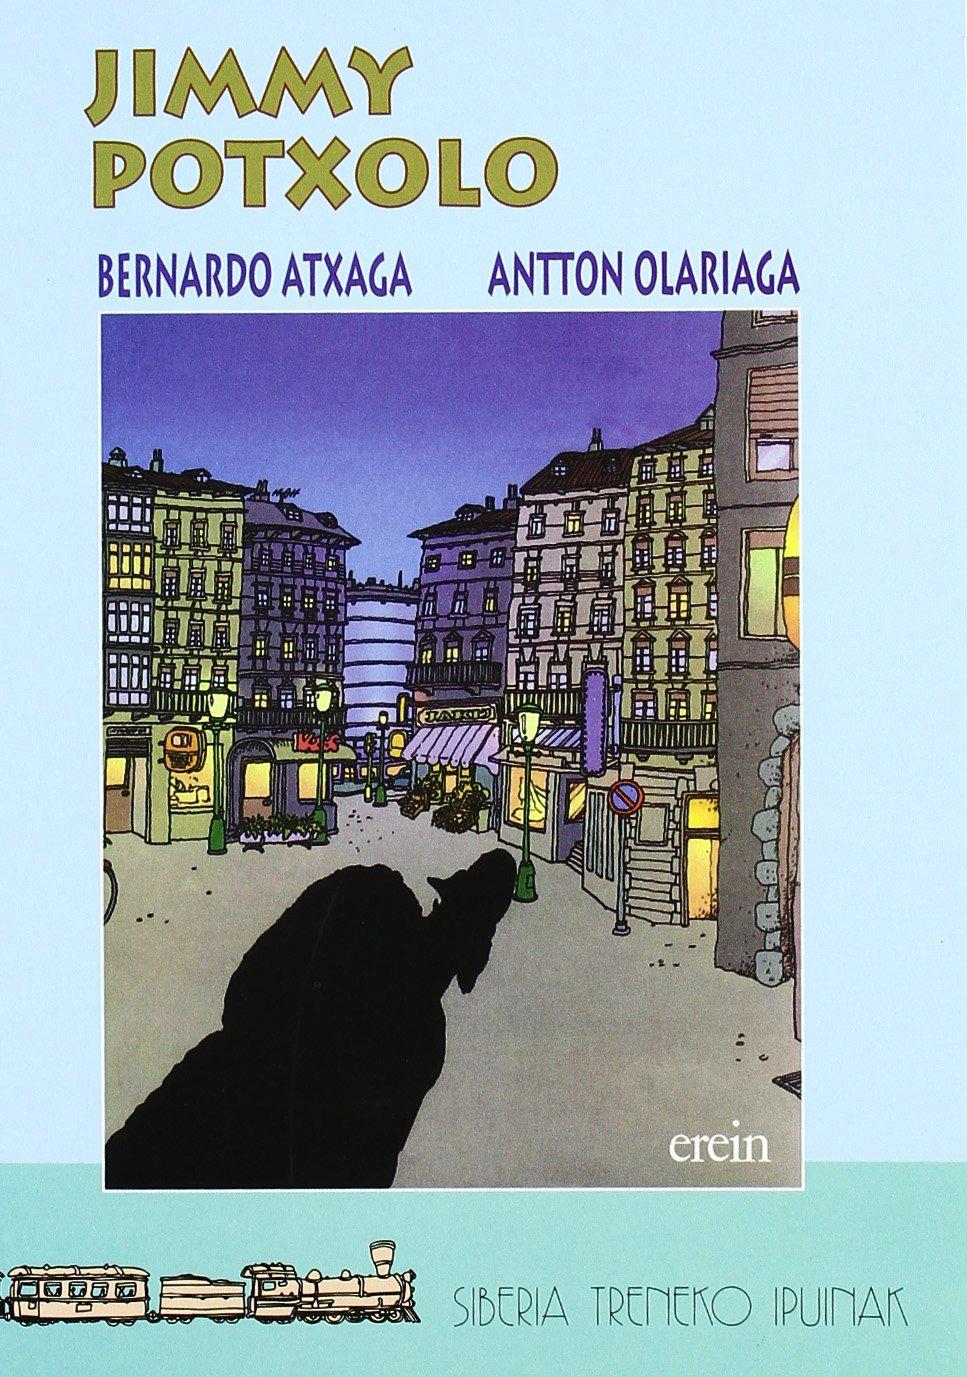 Jimmy Potxolo/Atxaga (Siberia treneko ipuinak) (Euskera) Tapa blanda – 3 dic 1998 Bernardo Atxaga Asun Balzola Elorza Erein Argitaletxea S.A.